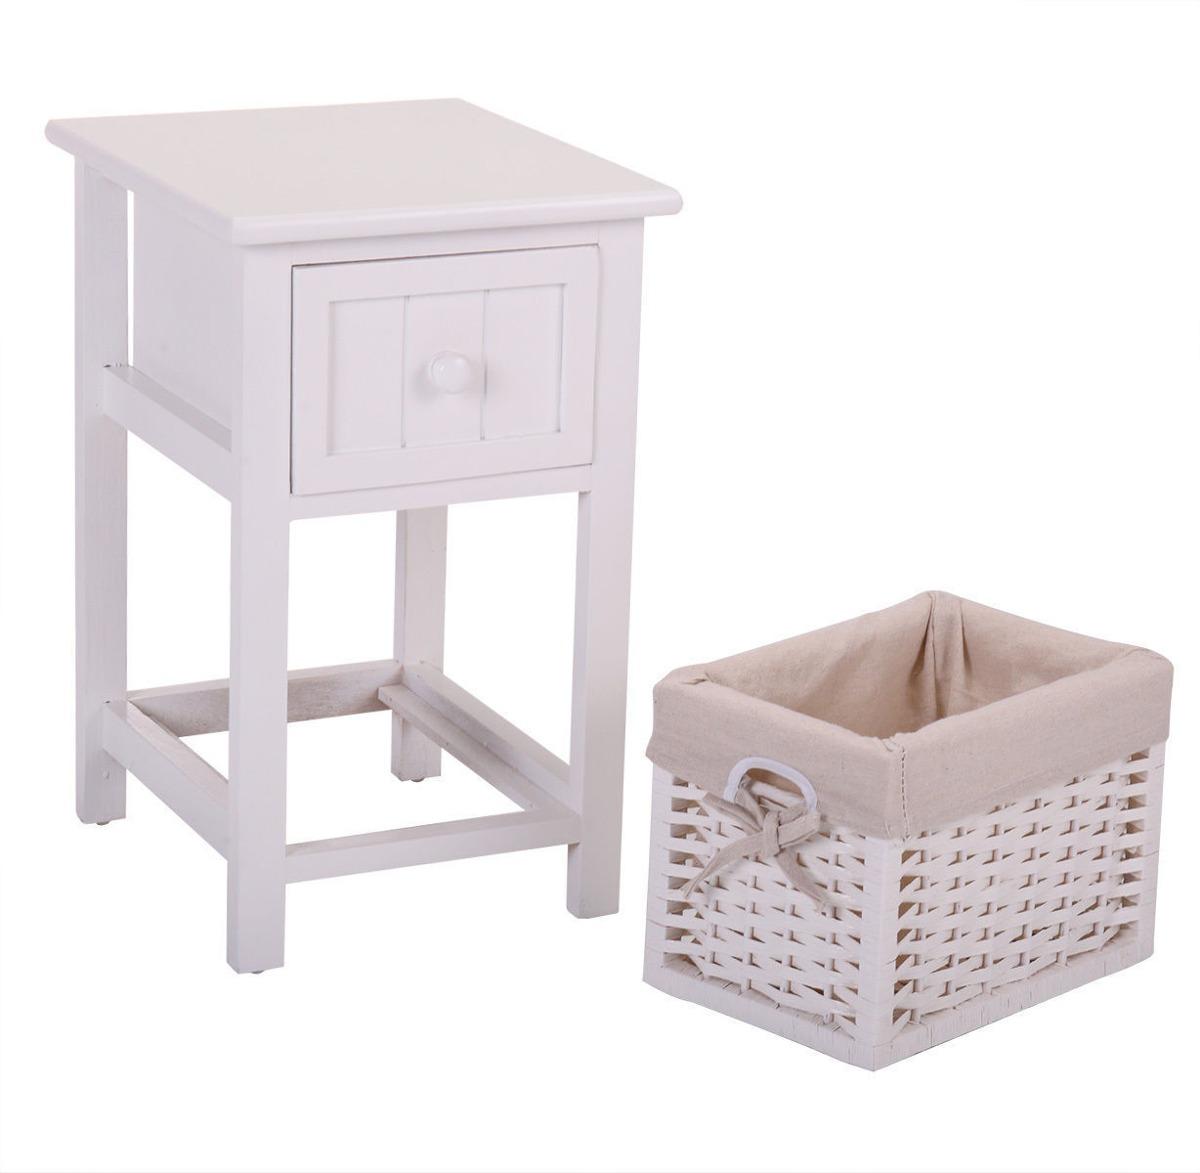 Muebles De Almacenaje. Muebles De Ikea Para El Almacenaje Muebles De ...